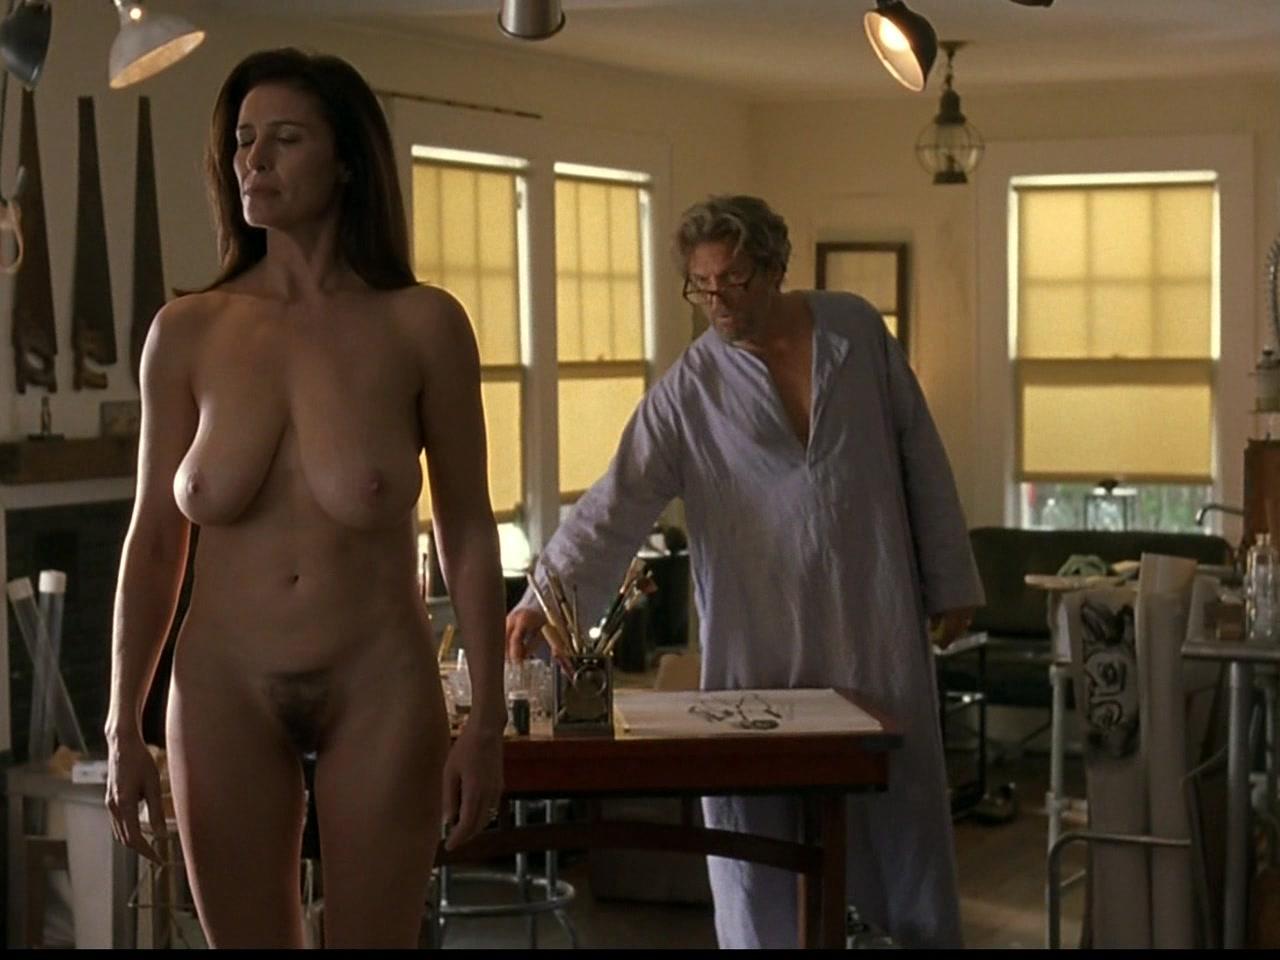 naked vagina on beach